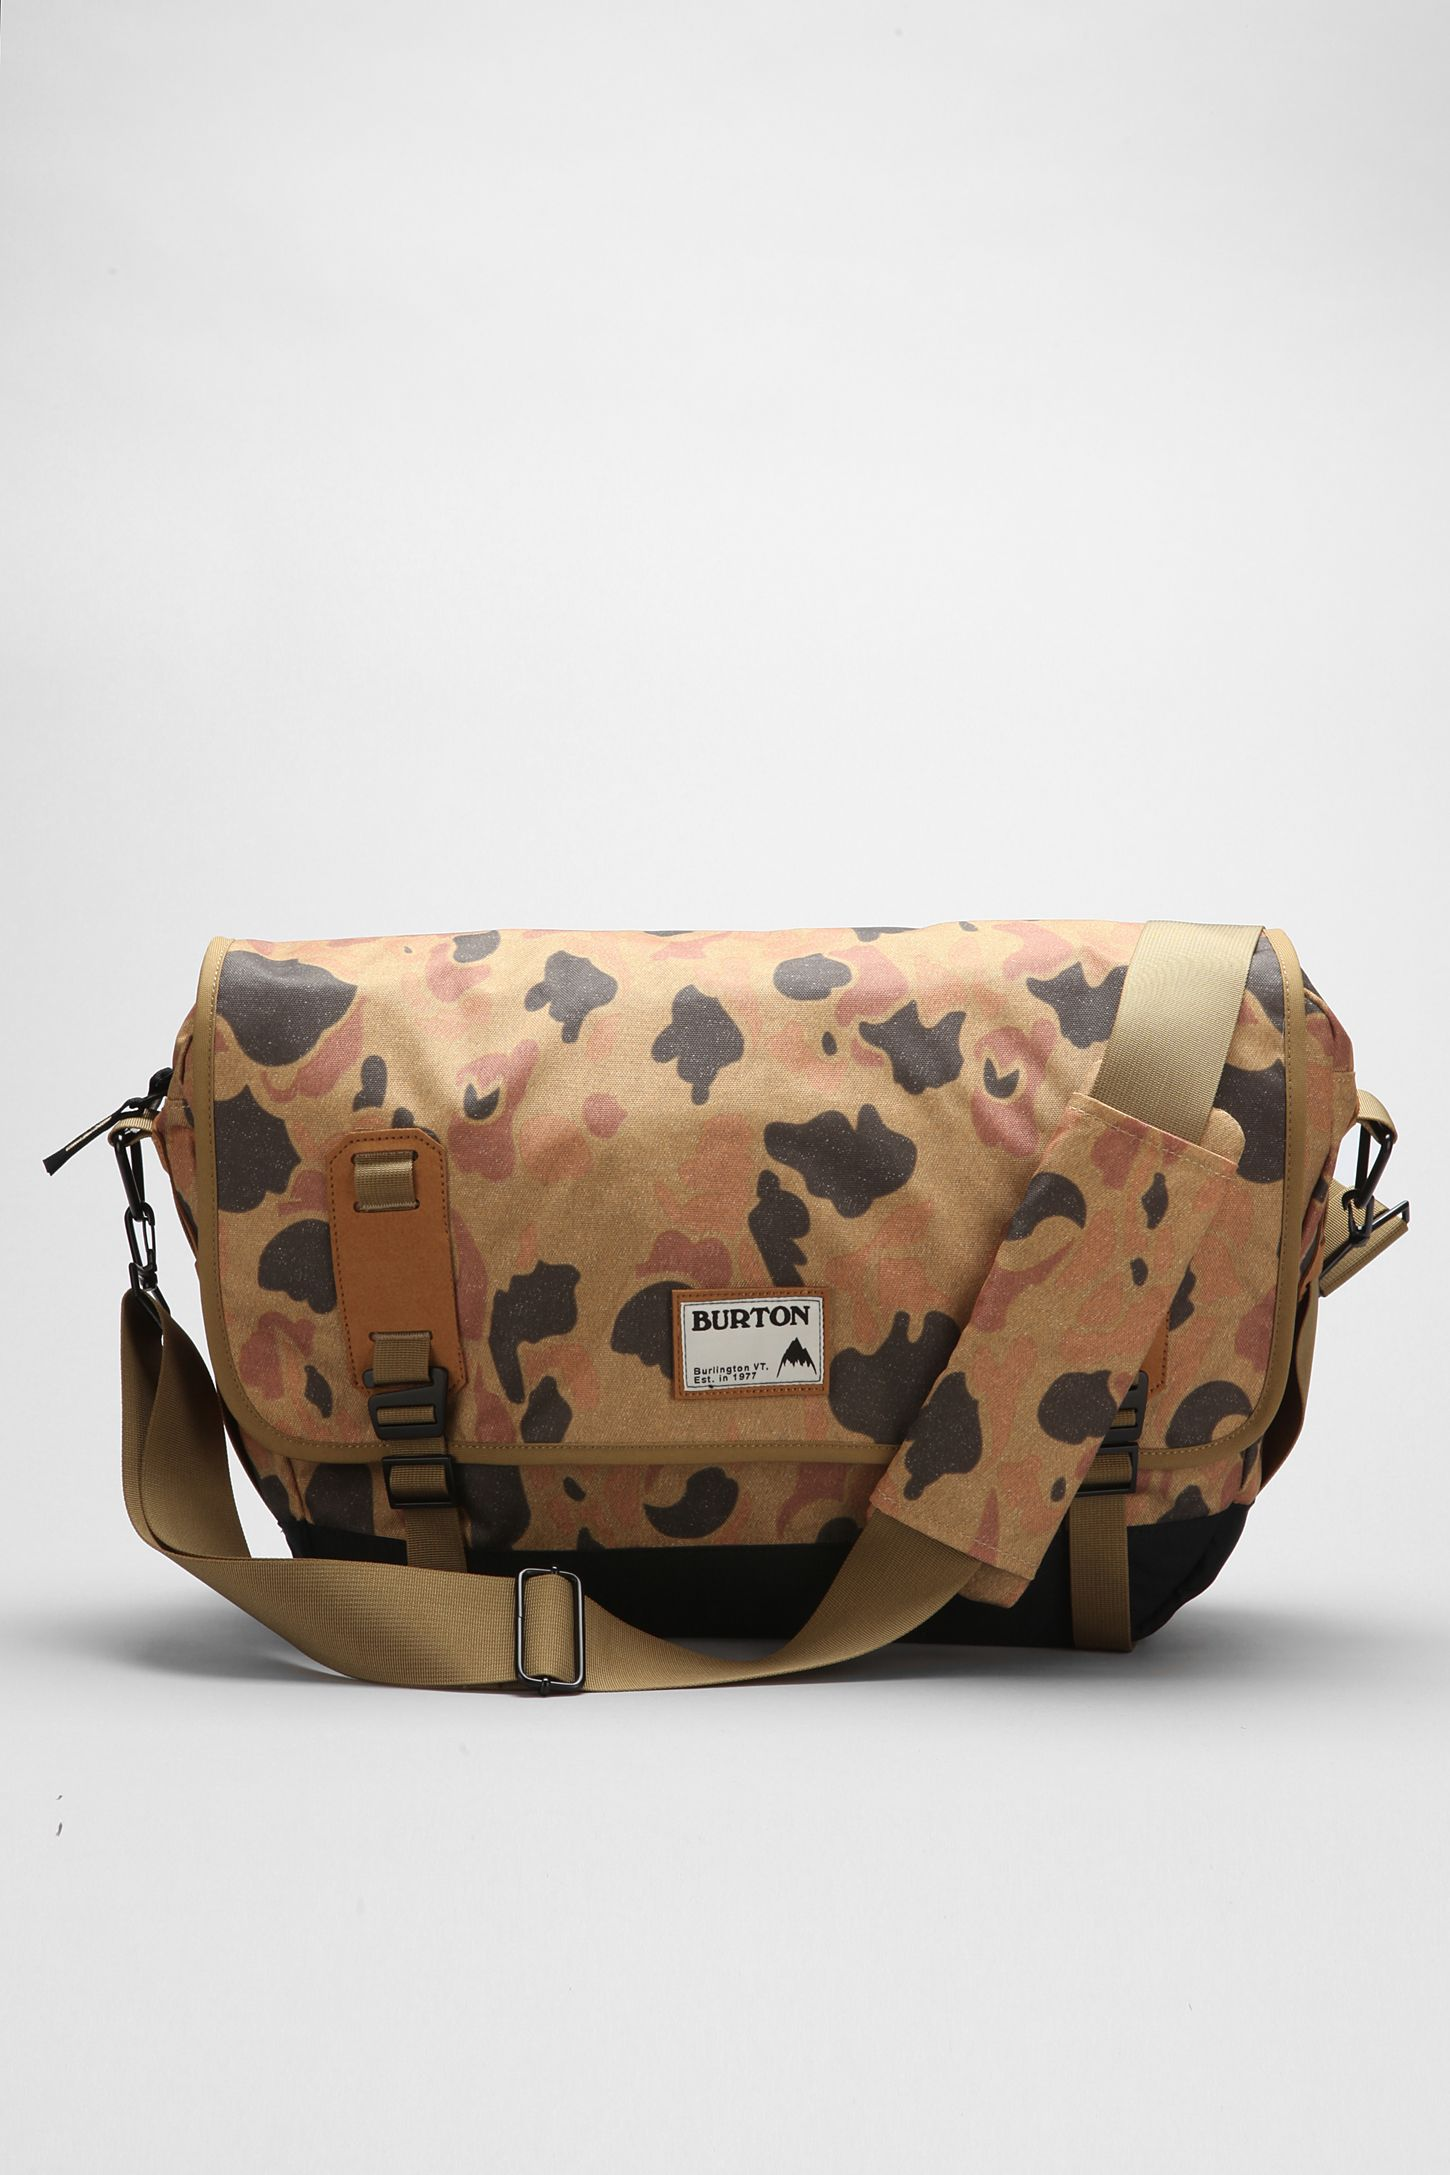 a504612ac2df2 Burton Flint Messenger Bag